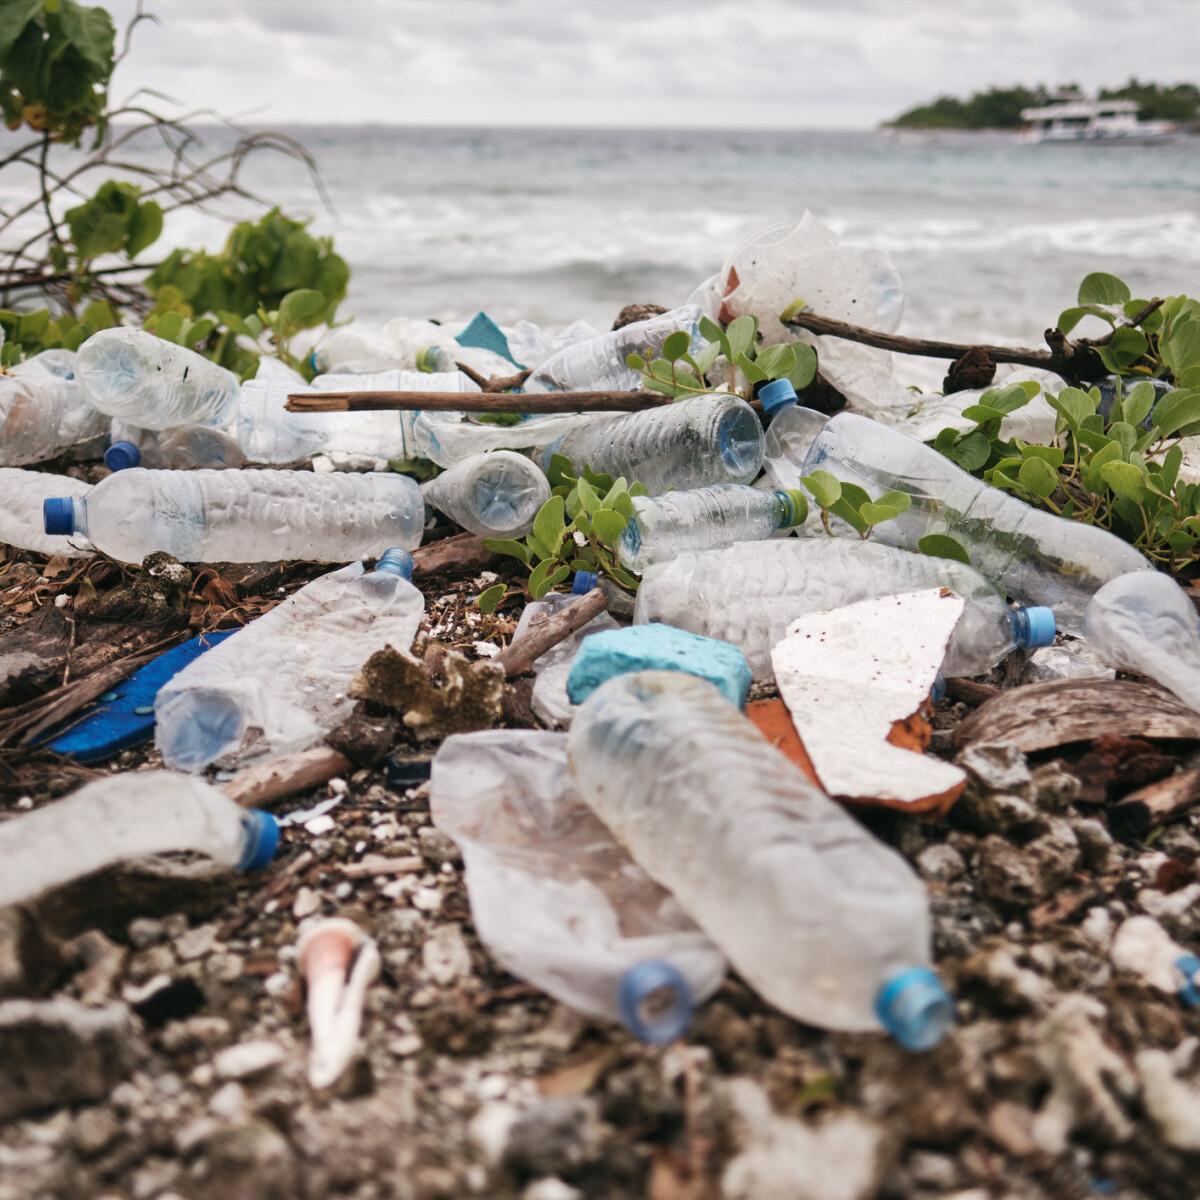 Hamarosan műanyagból készült ételeket is fogyaszthatunk